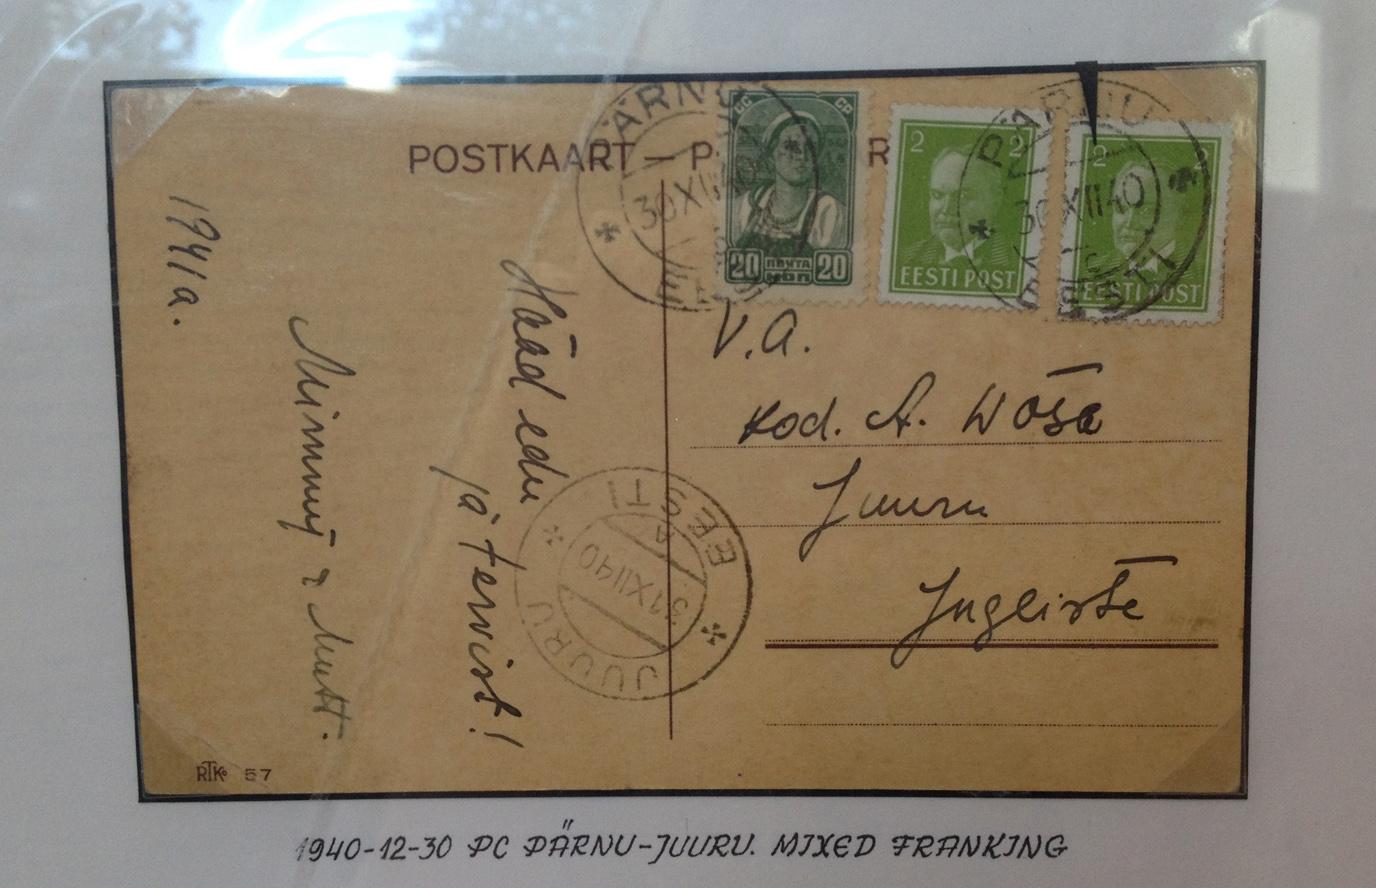 Почтовая карточка Пярну - Юуру с советскими марками